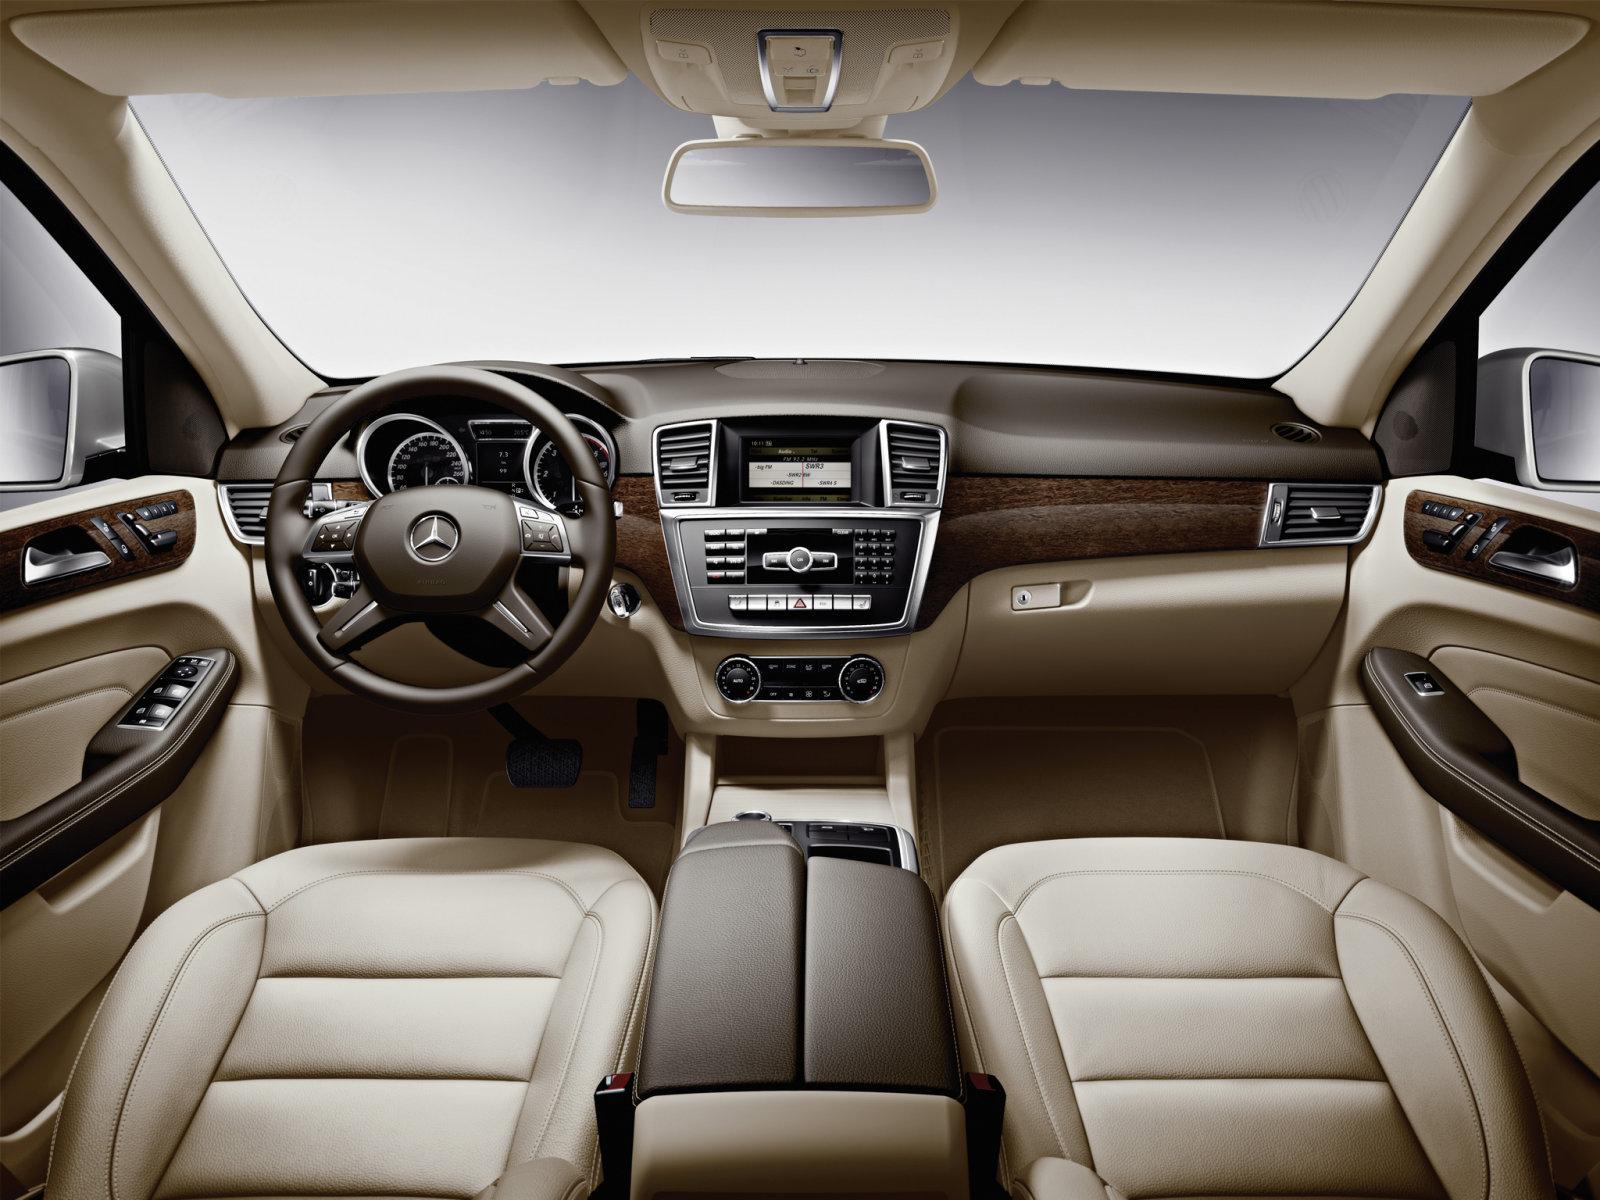 Фотографии автомобилей Mercedes ML-Class / Мерседес ML-Класс (2011 - 2015)